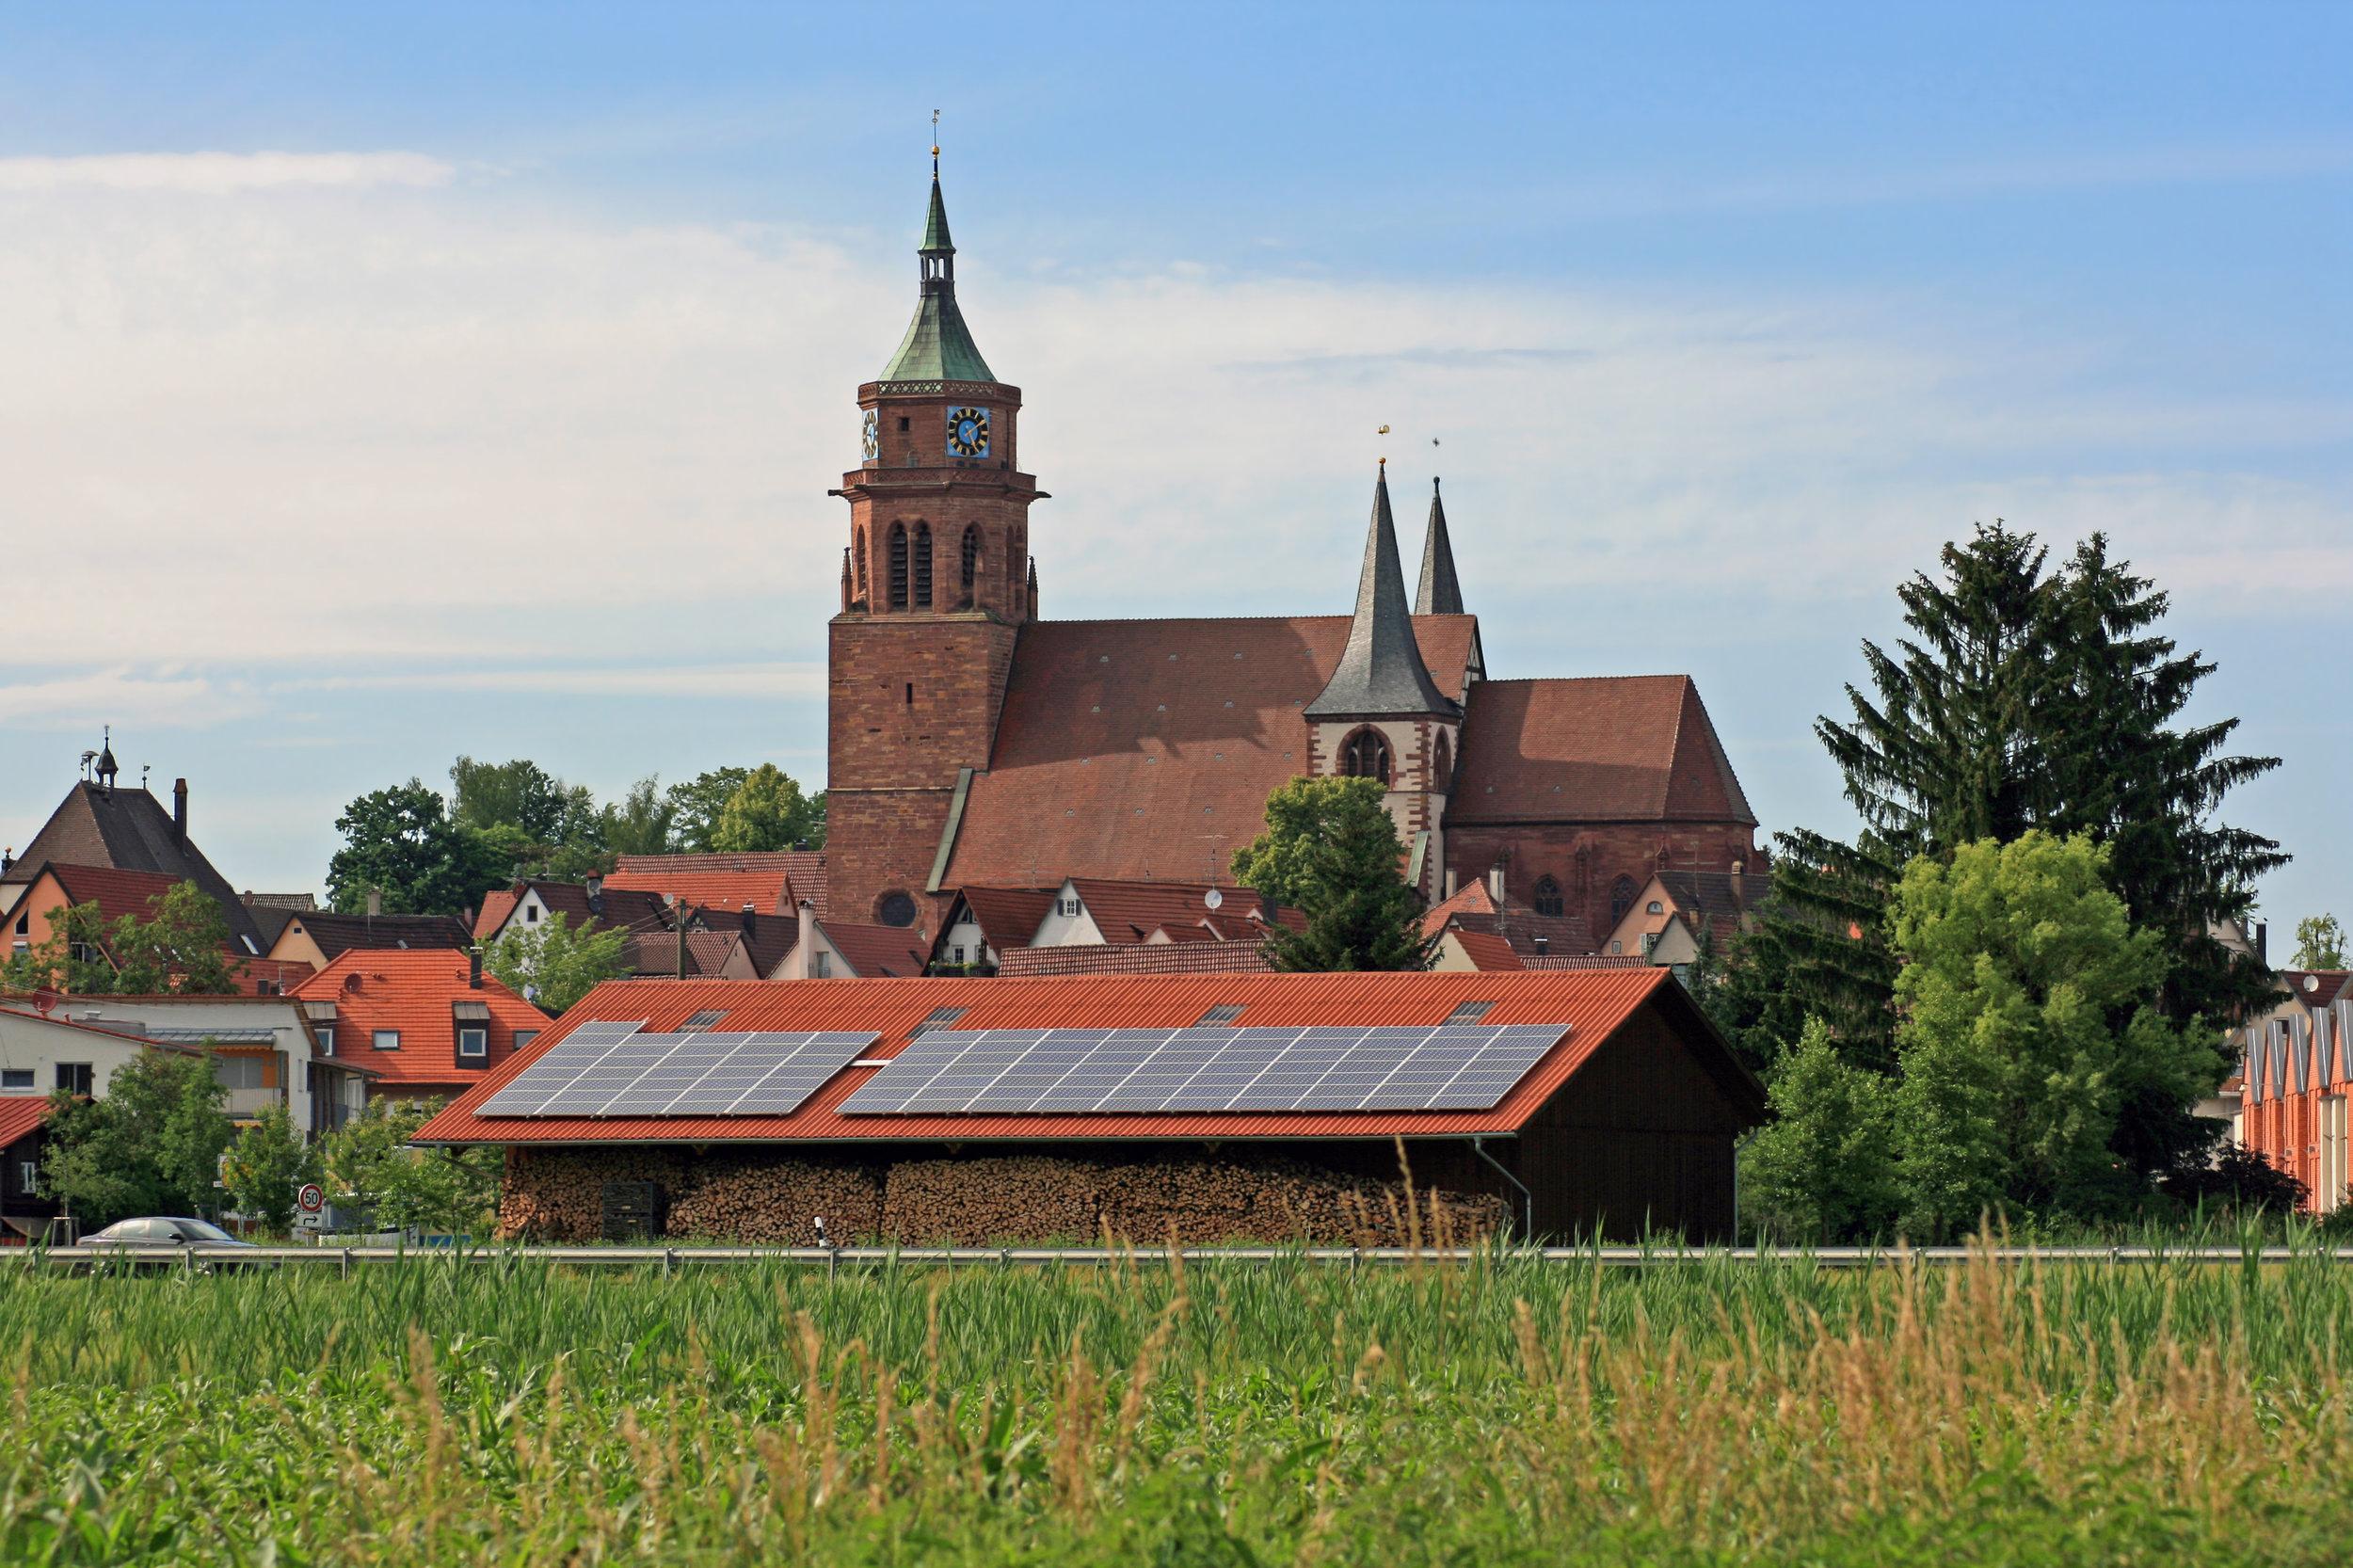 CHURCHES /ORGANIZATIONS -